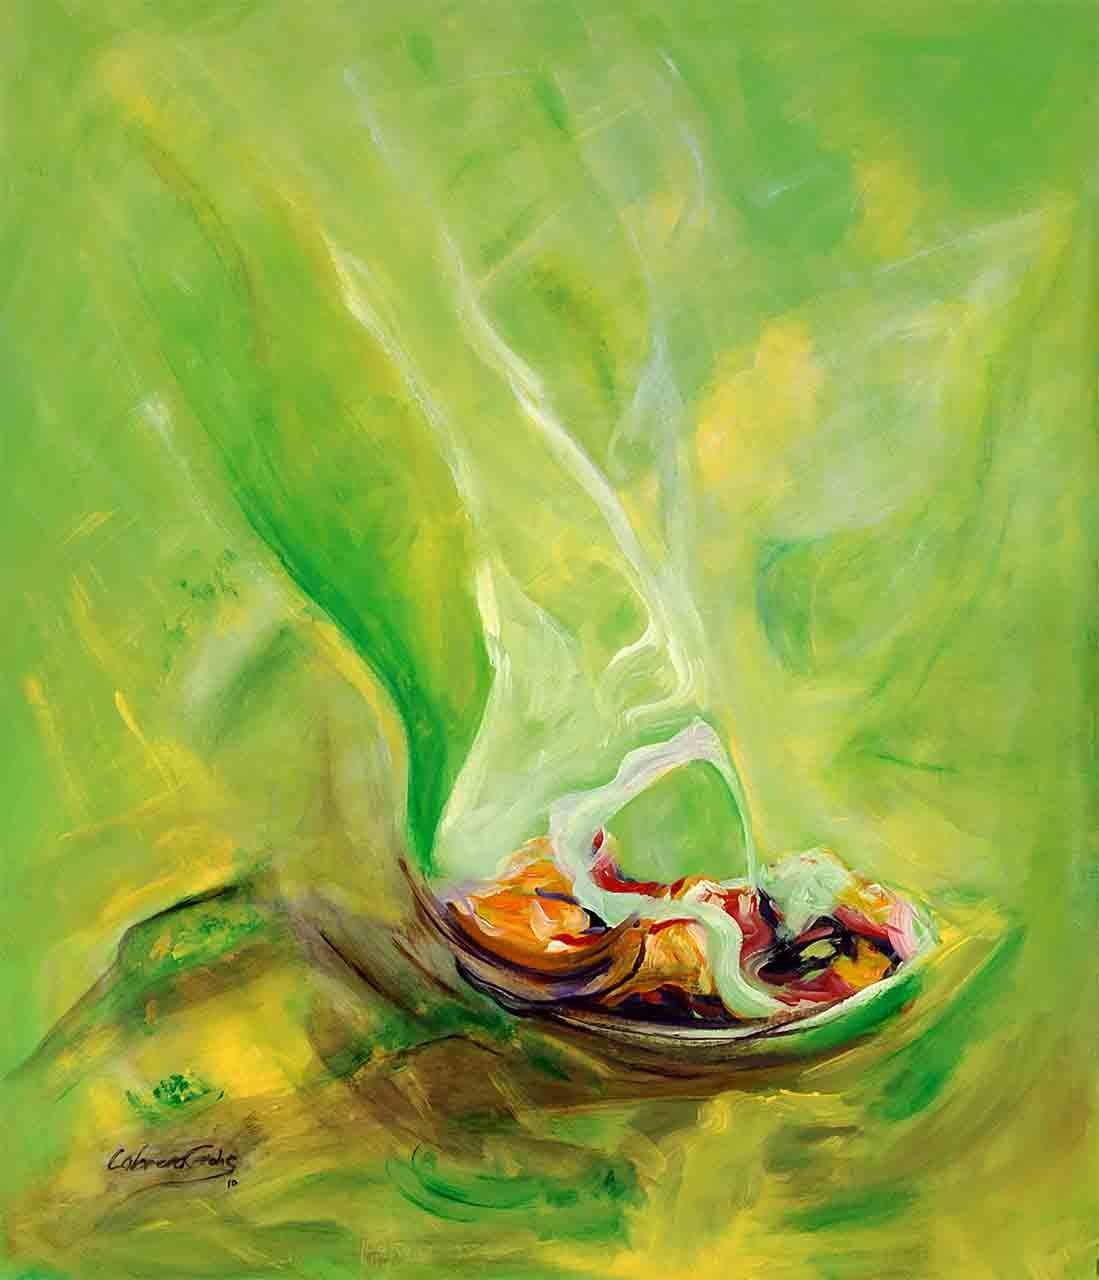 Pintura vertical de color mayoritariamente verde, totalmente abstracta que pareciera simbolizar un plato de comida humeante, o alguno muy agradable, y realizada en acrilico sobre lienzo